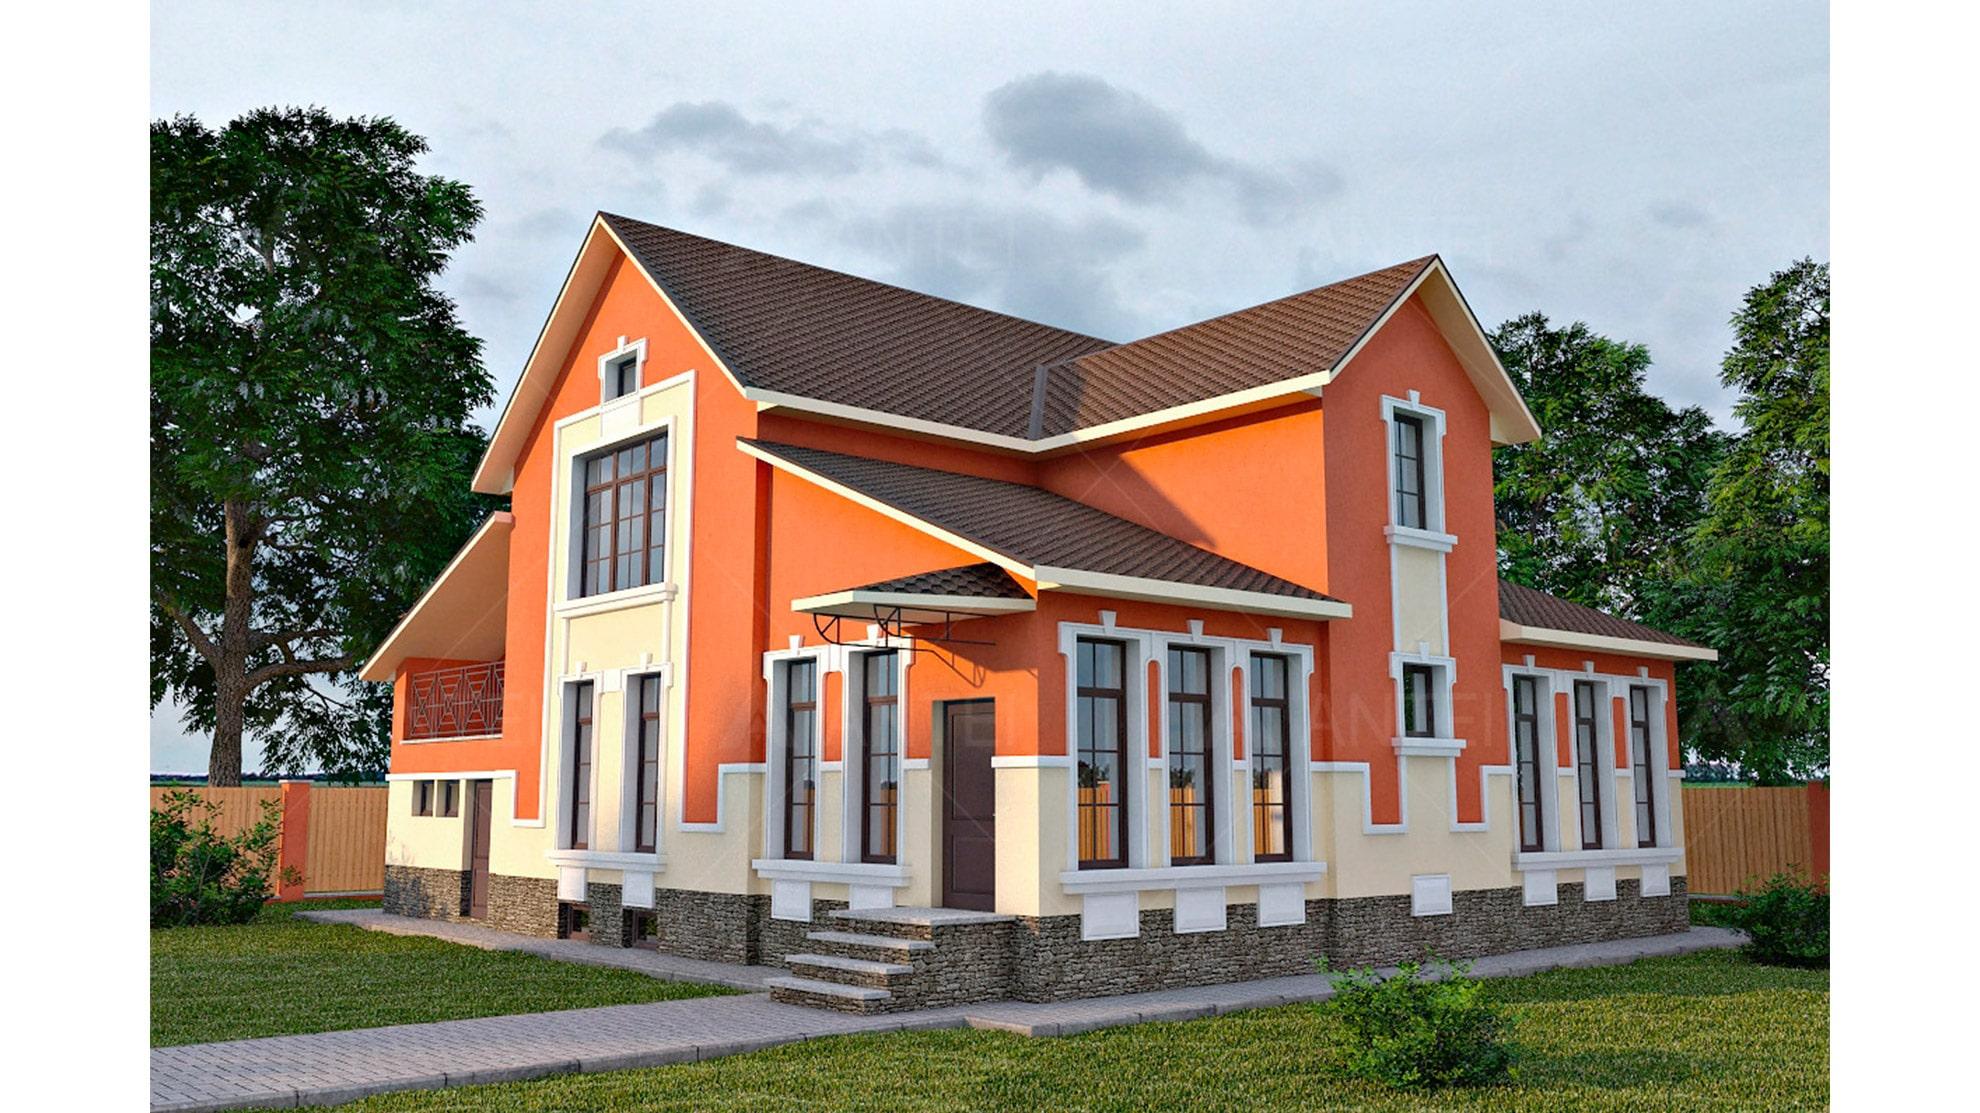 Проект мансардного дома с гаражом, подвалом, верандой «КМ-41» - фото №1